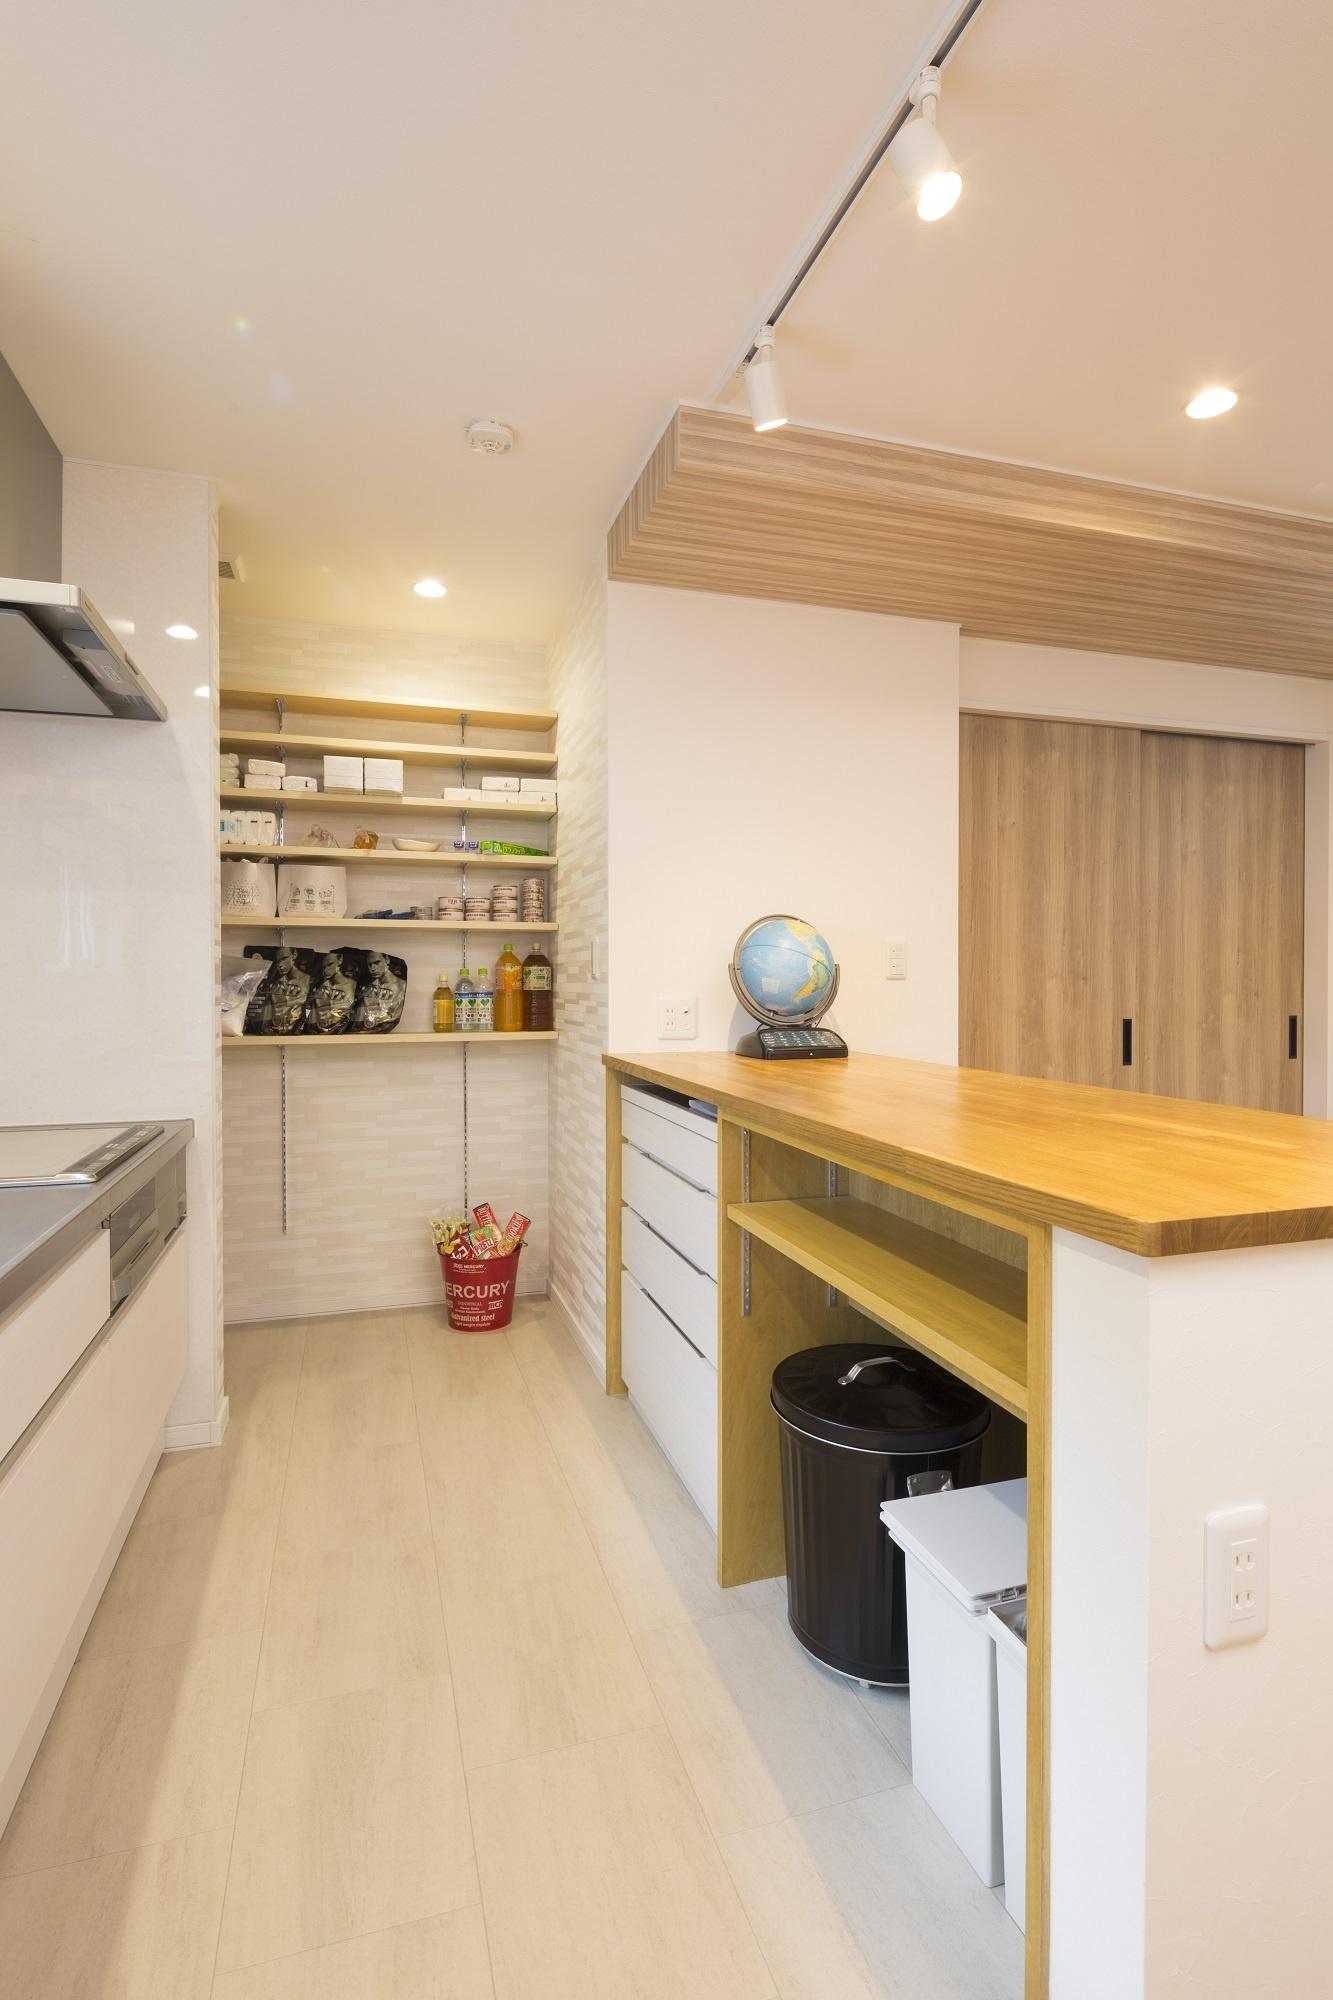 キッチンはNさんが好む壁付けに。扉なしでオープンな収納庫は「出し入れしやすく便利です」